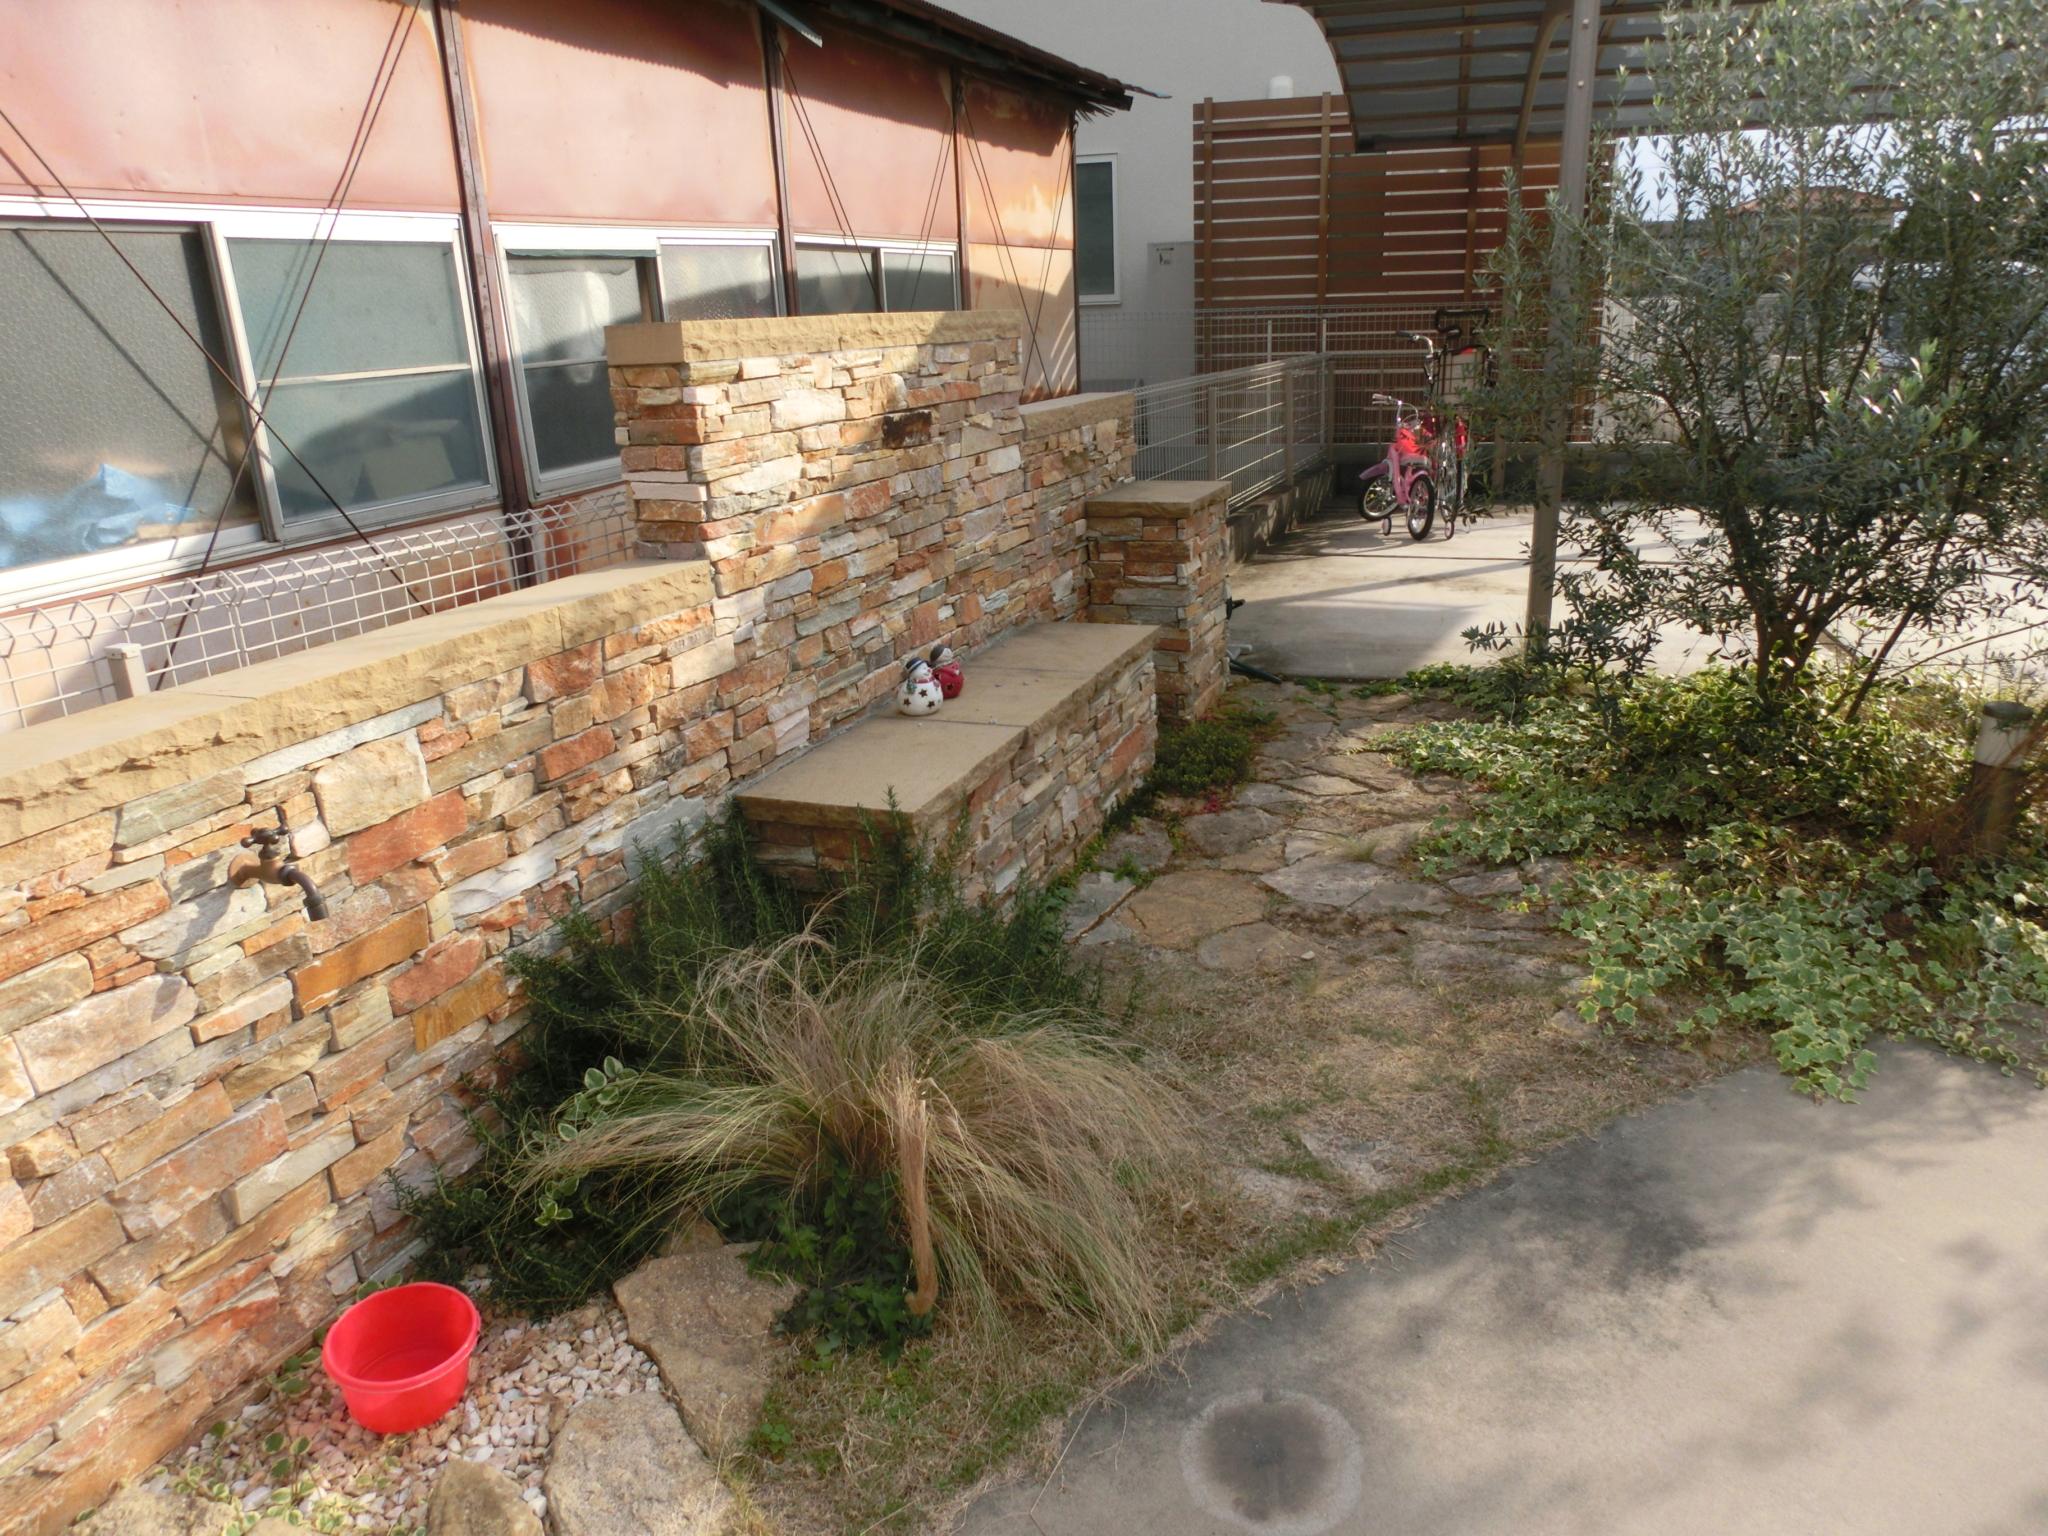 目隠しと給水栓を兼ねたベンチ|埼玉県東松山市在住 N様邸の外構、エクステリア、植栽工事